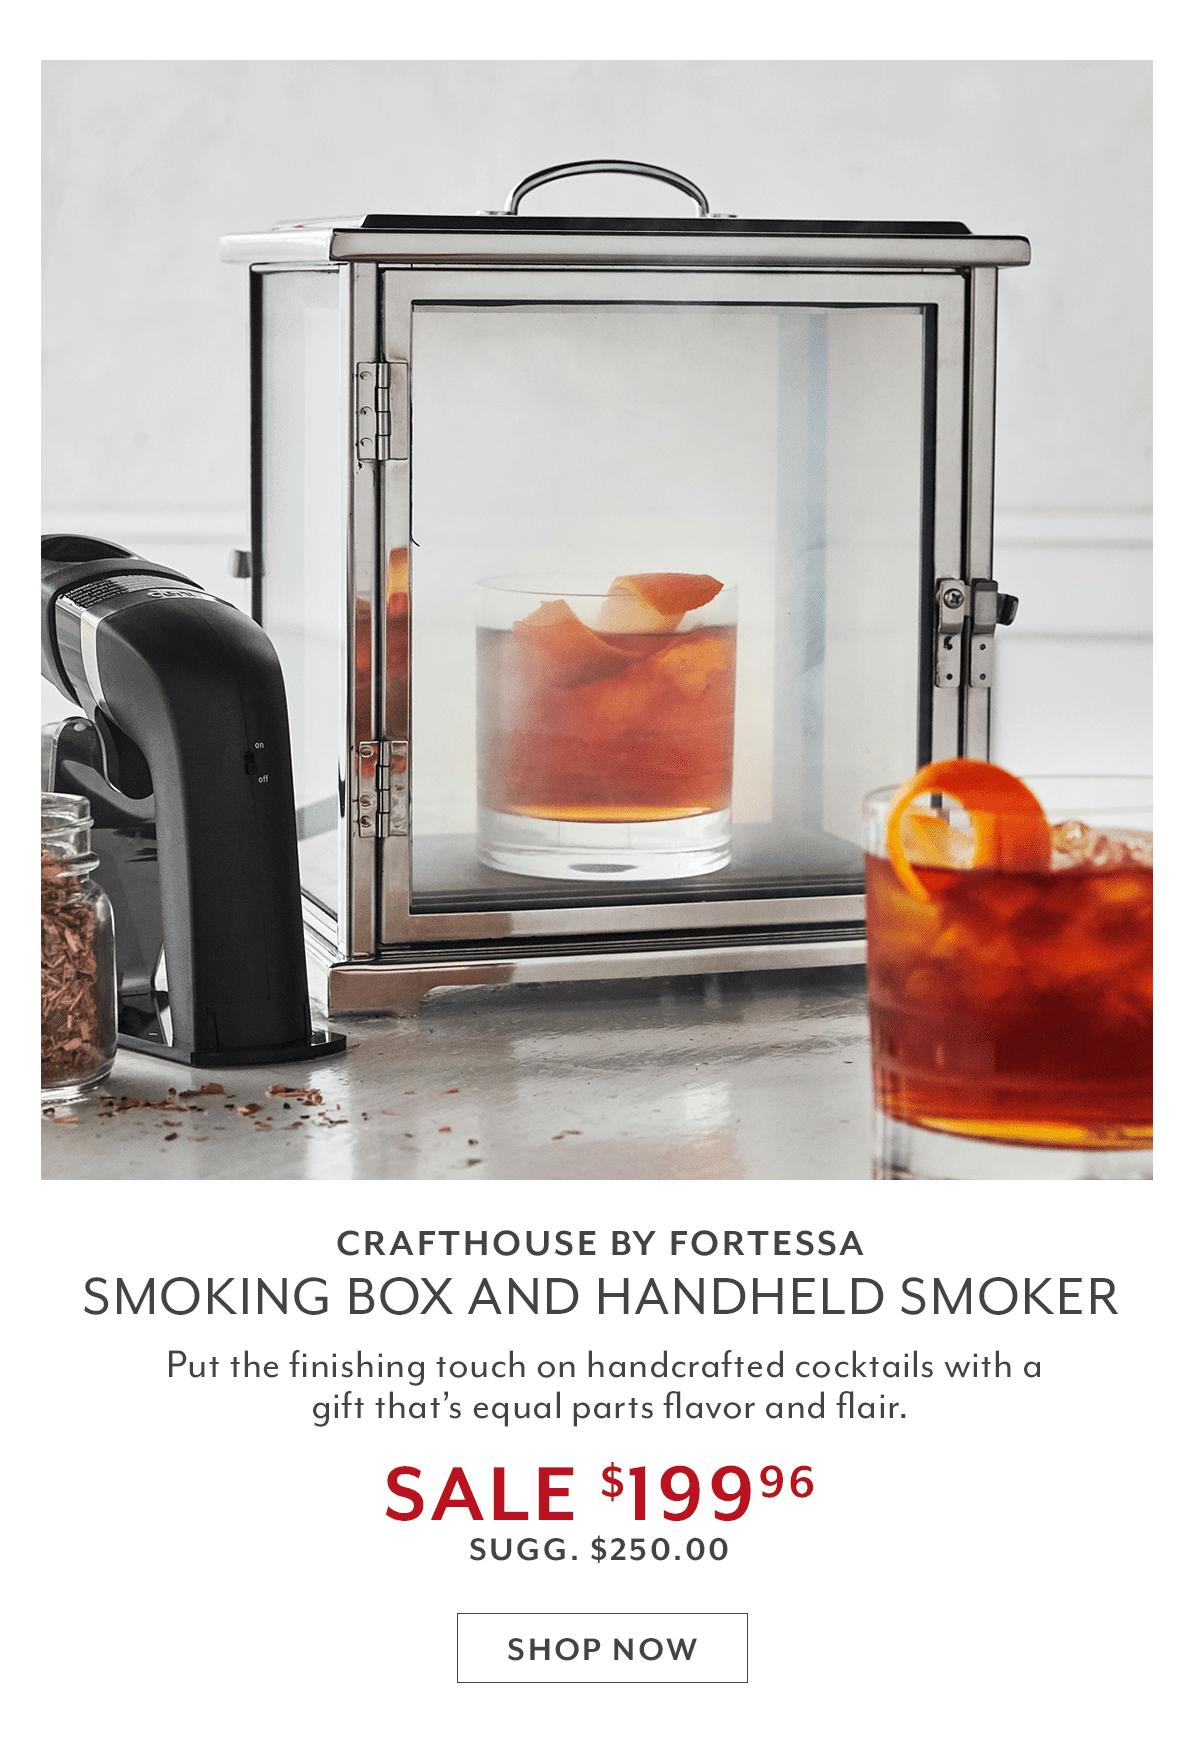 Fortessa Smoking Box and Handheld Smoker